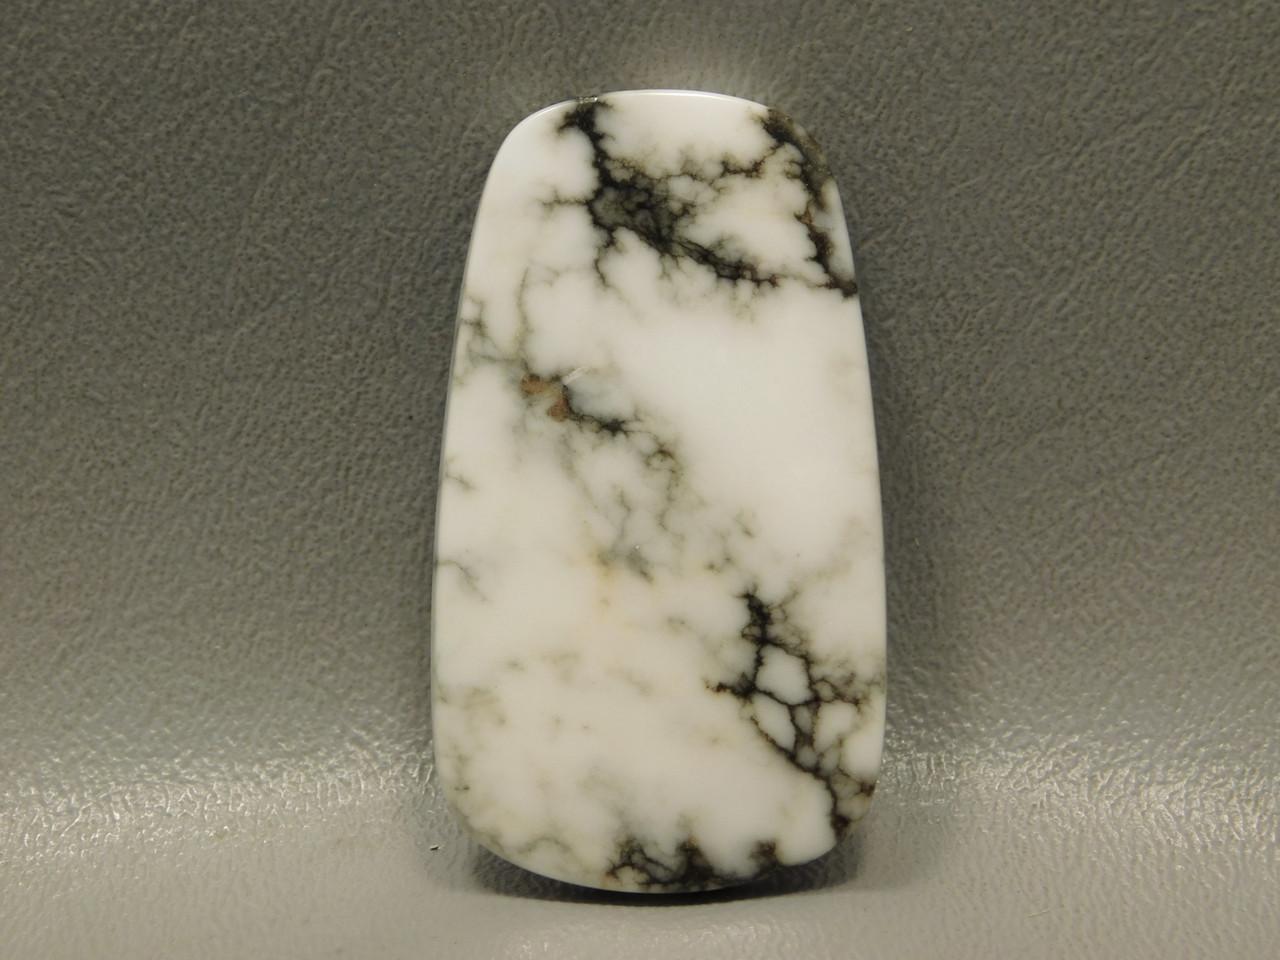 Cabochon Howlite Ladder Stone Semi Precious Gemstone 9